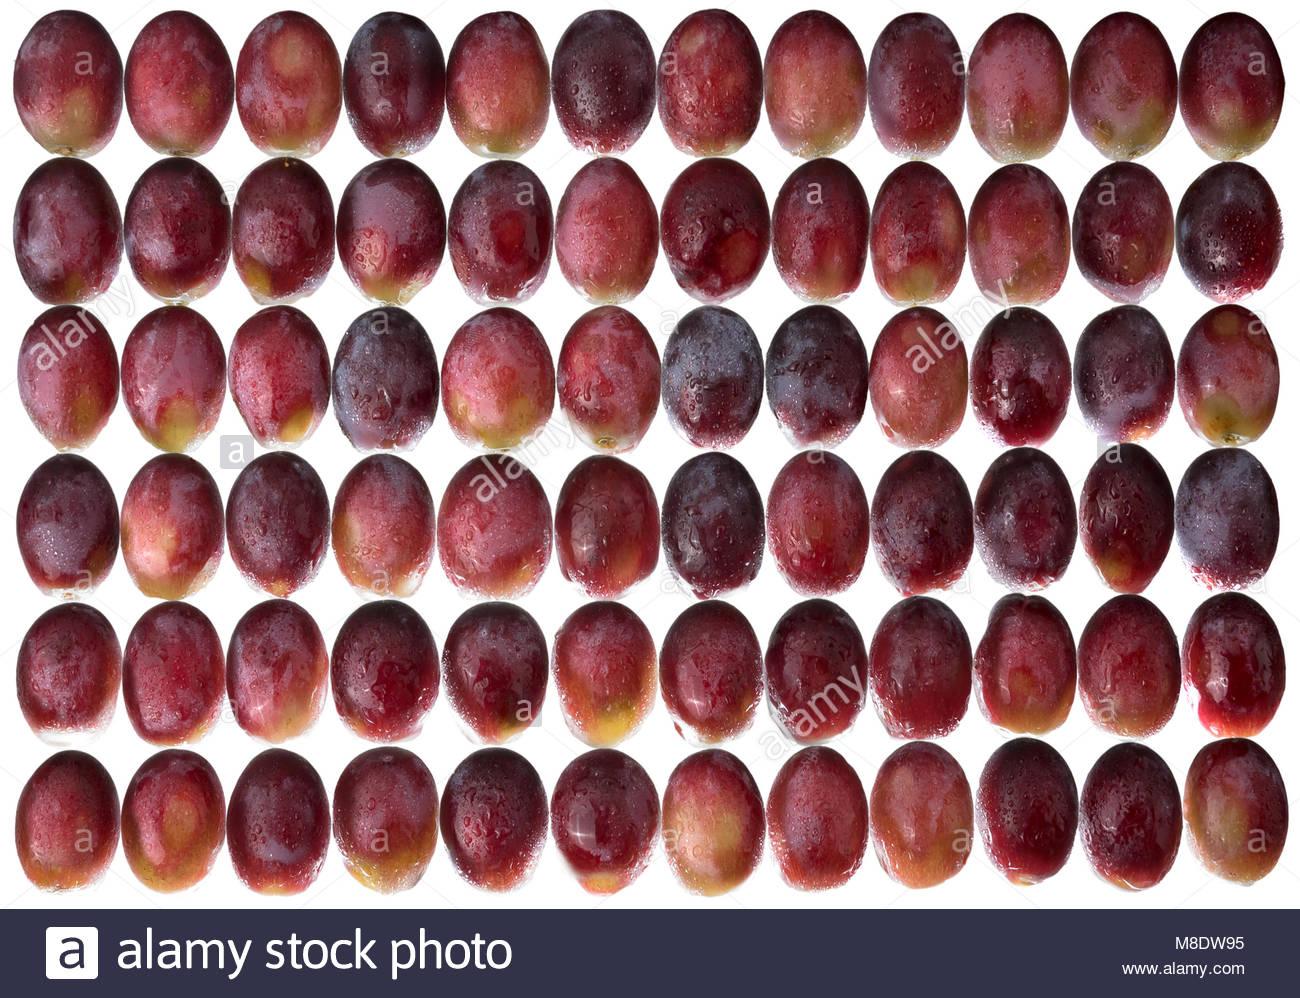 Le uve rosse in un disegno geometrico. Retroilluminati e di acqua spruzzata per un'immagine luminosa. Immagini Stock